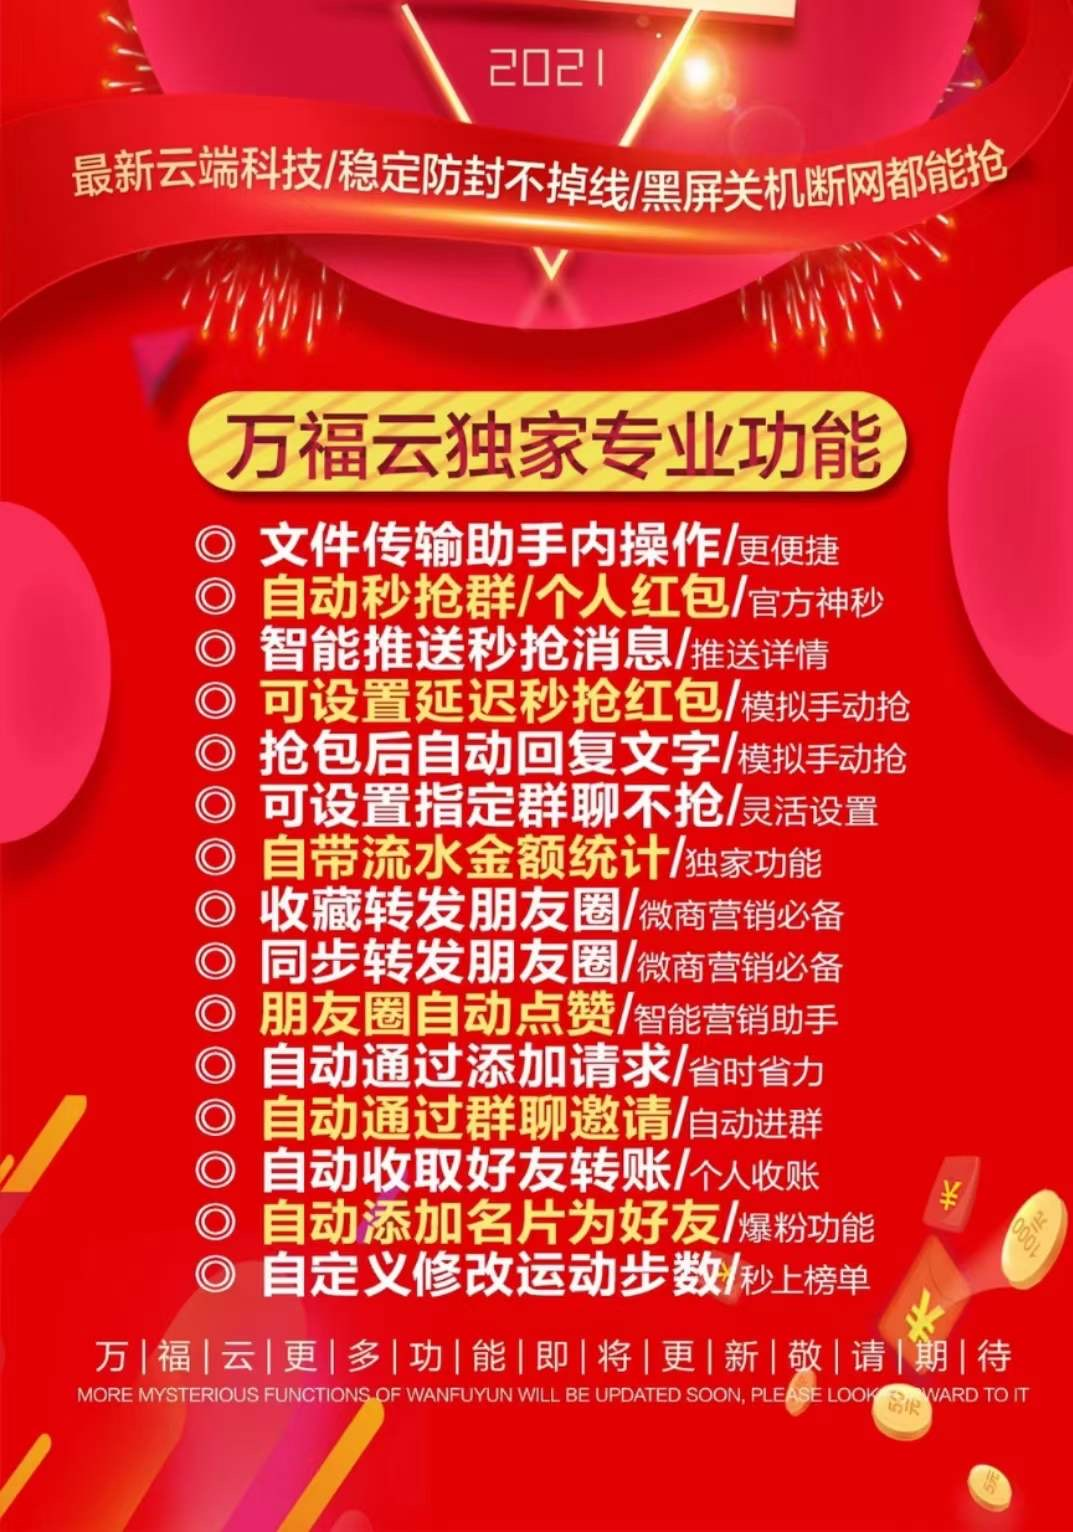 万福云-支持抢包总统计/当日统计